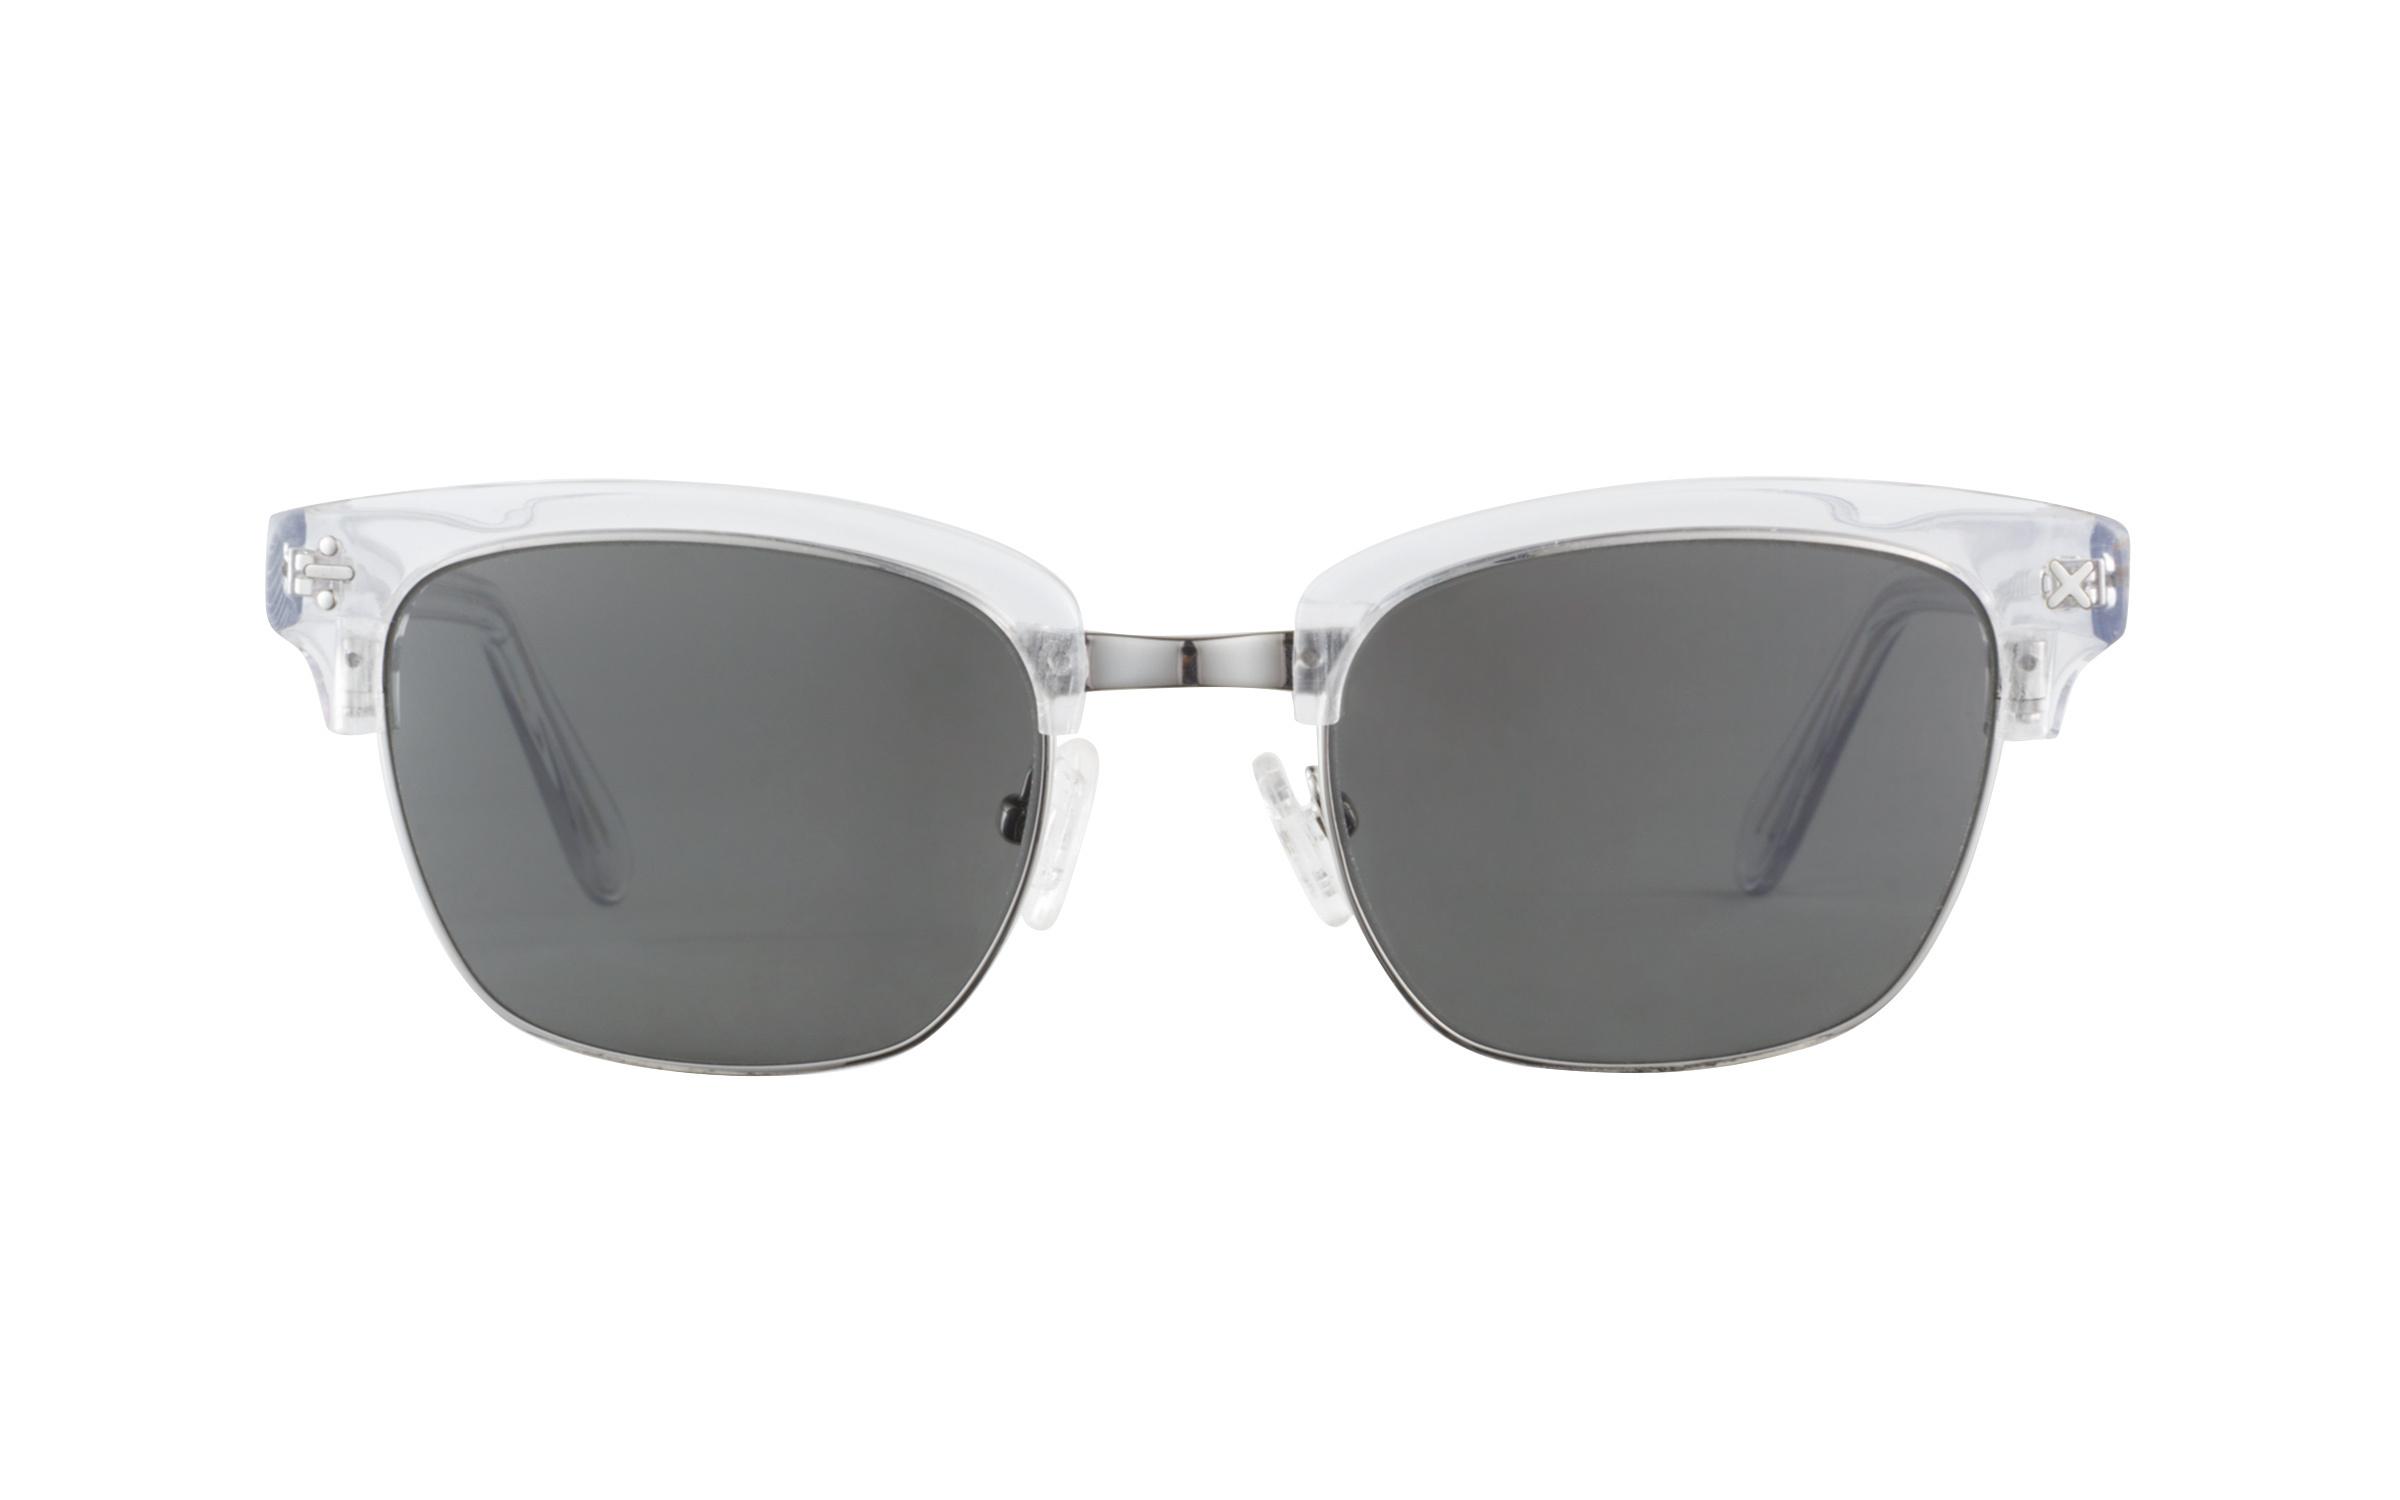 Geek_Sunglasses_Clear_Derek_Cardigan_Online_Coastal